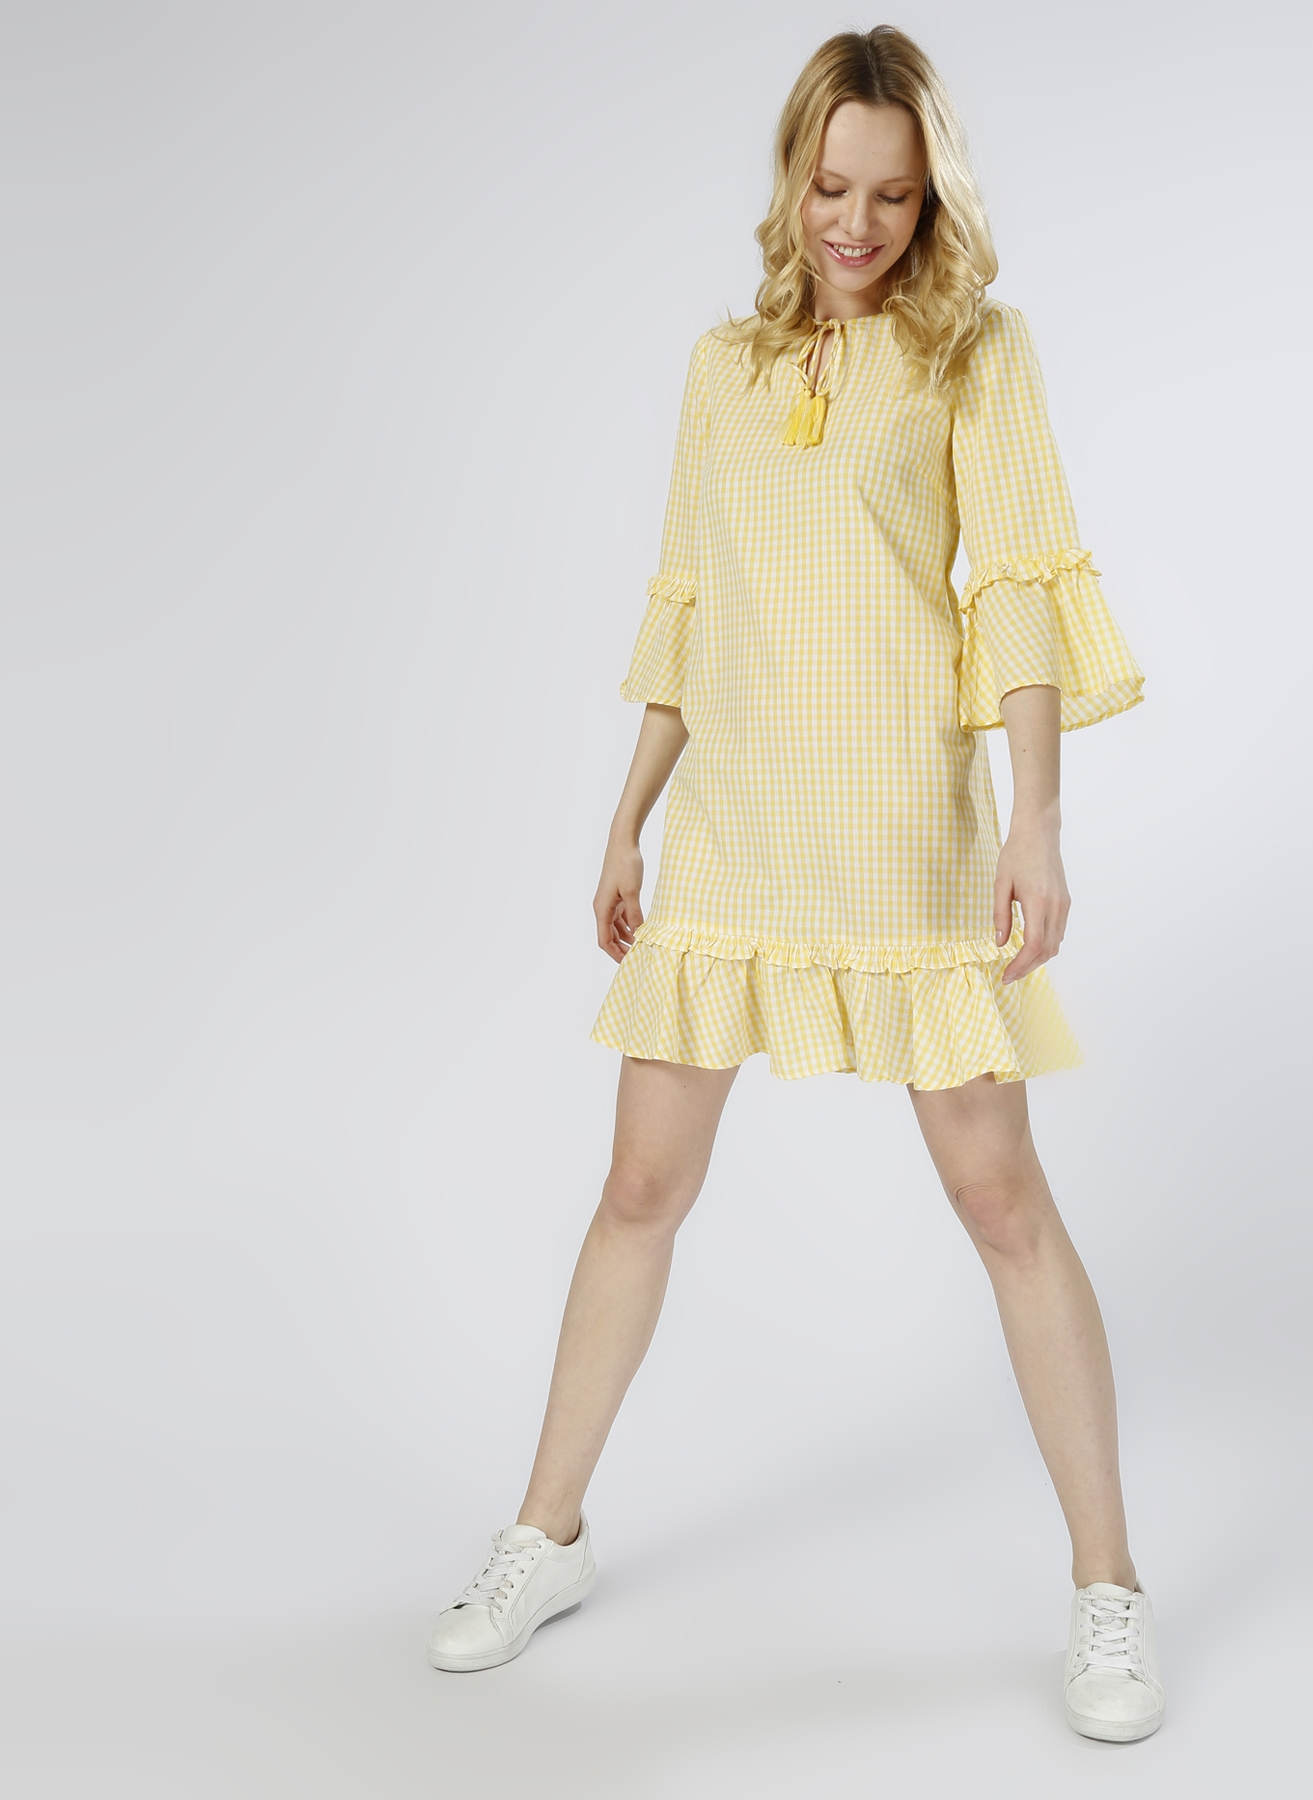 Vero Moda Kareli Sarı - Beyaz Elbise XS 5000196110004 Ürün Resmi